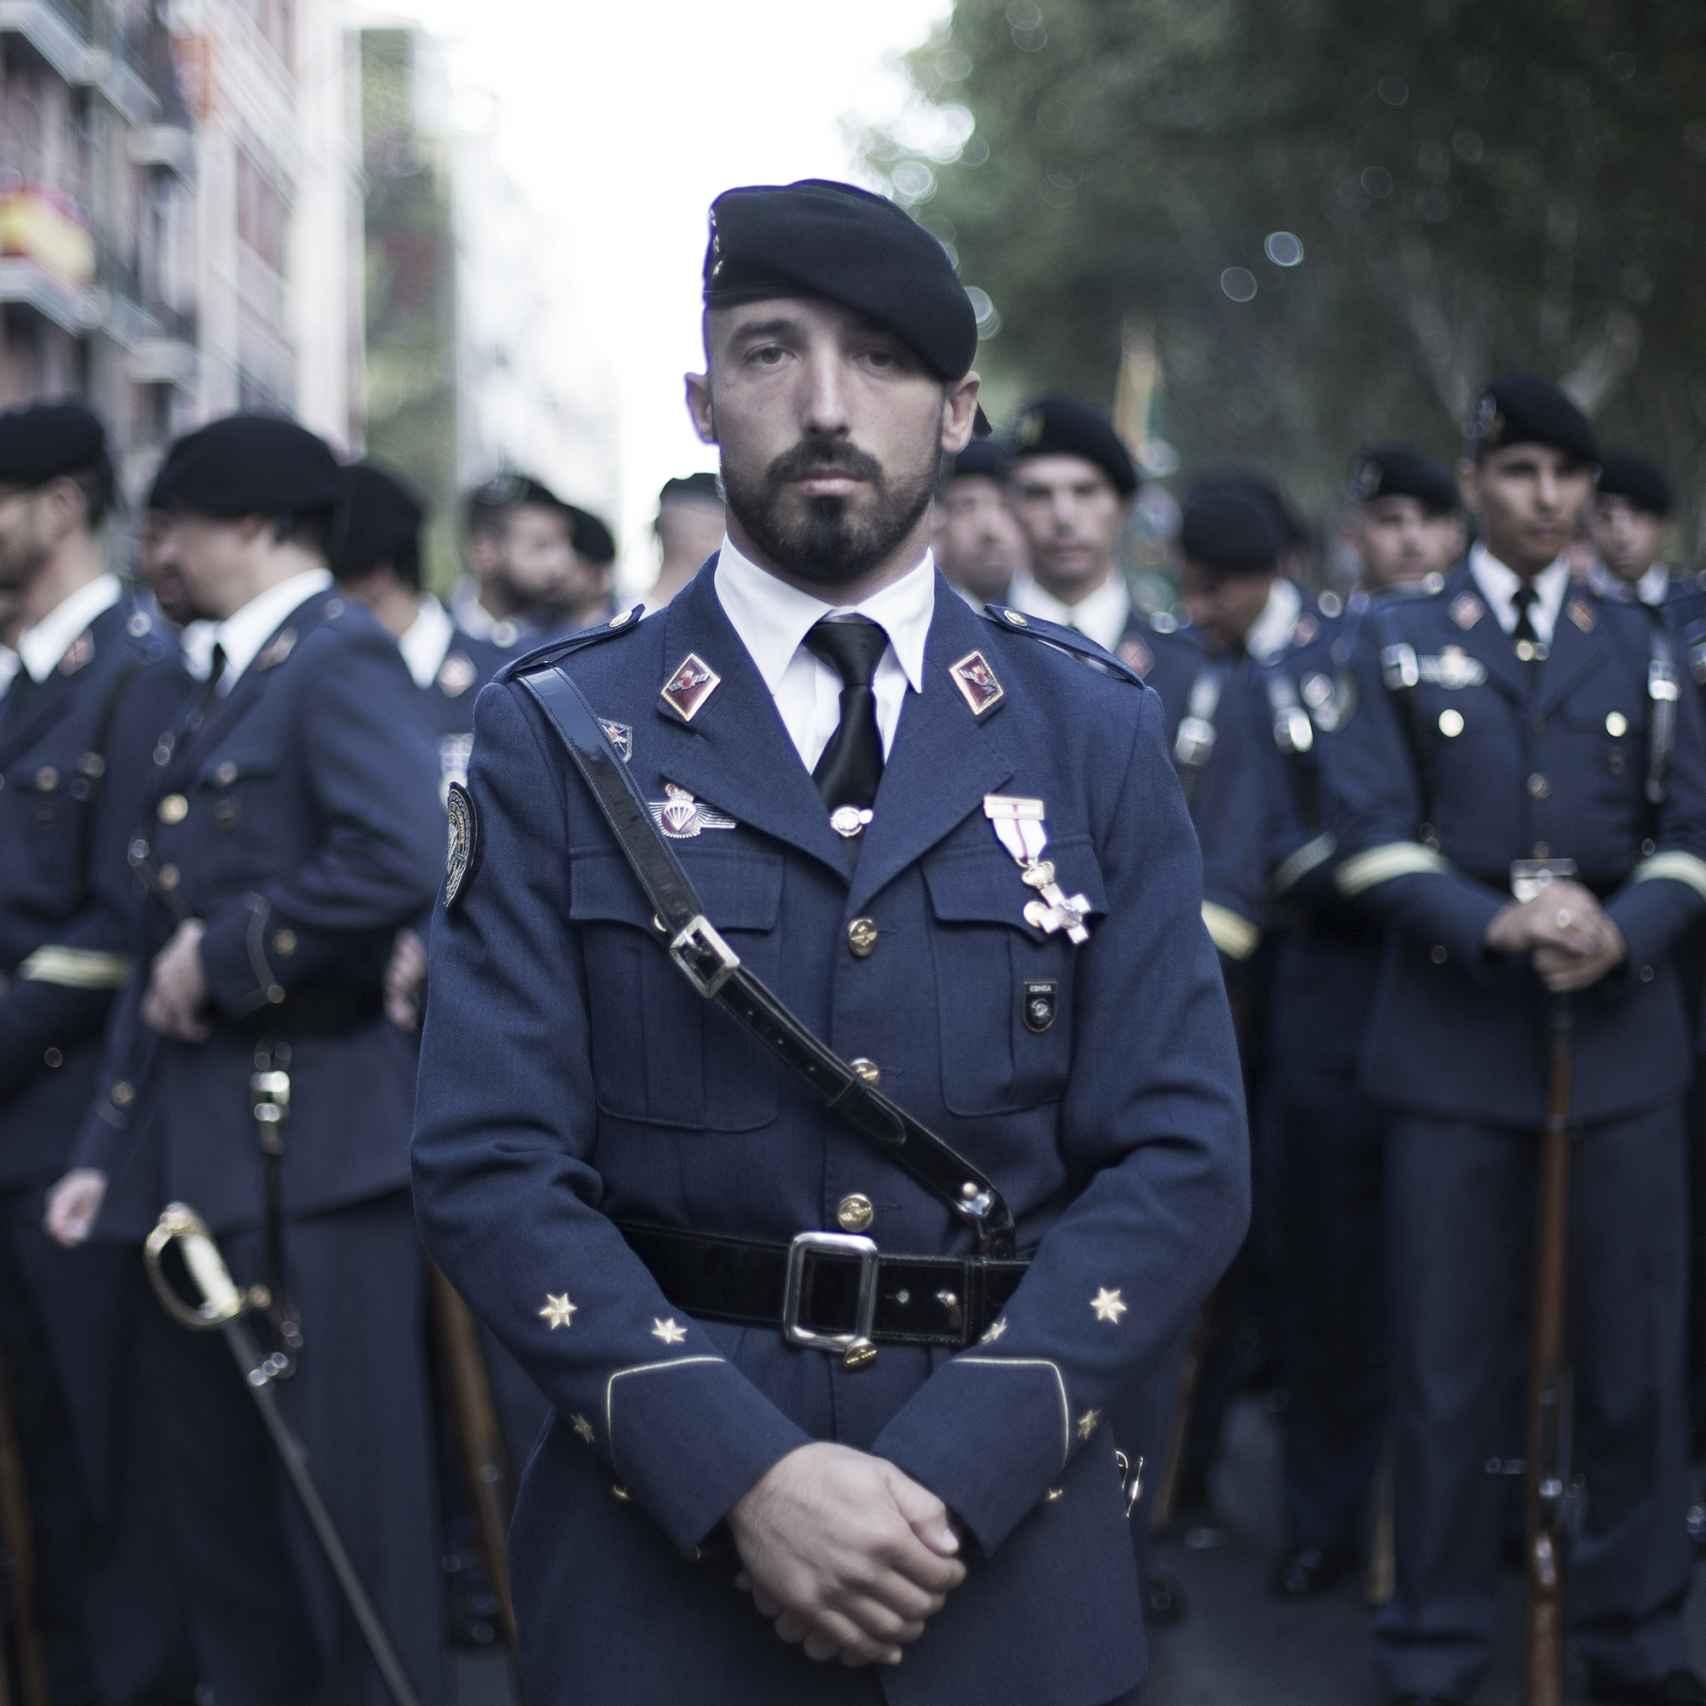 Ulpiano Yrayzoz, capitán de la Escuadrilla de Honores del Ejército del Aire.